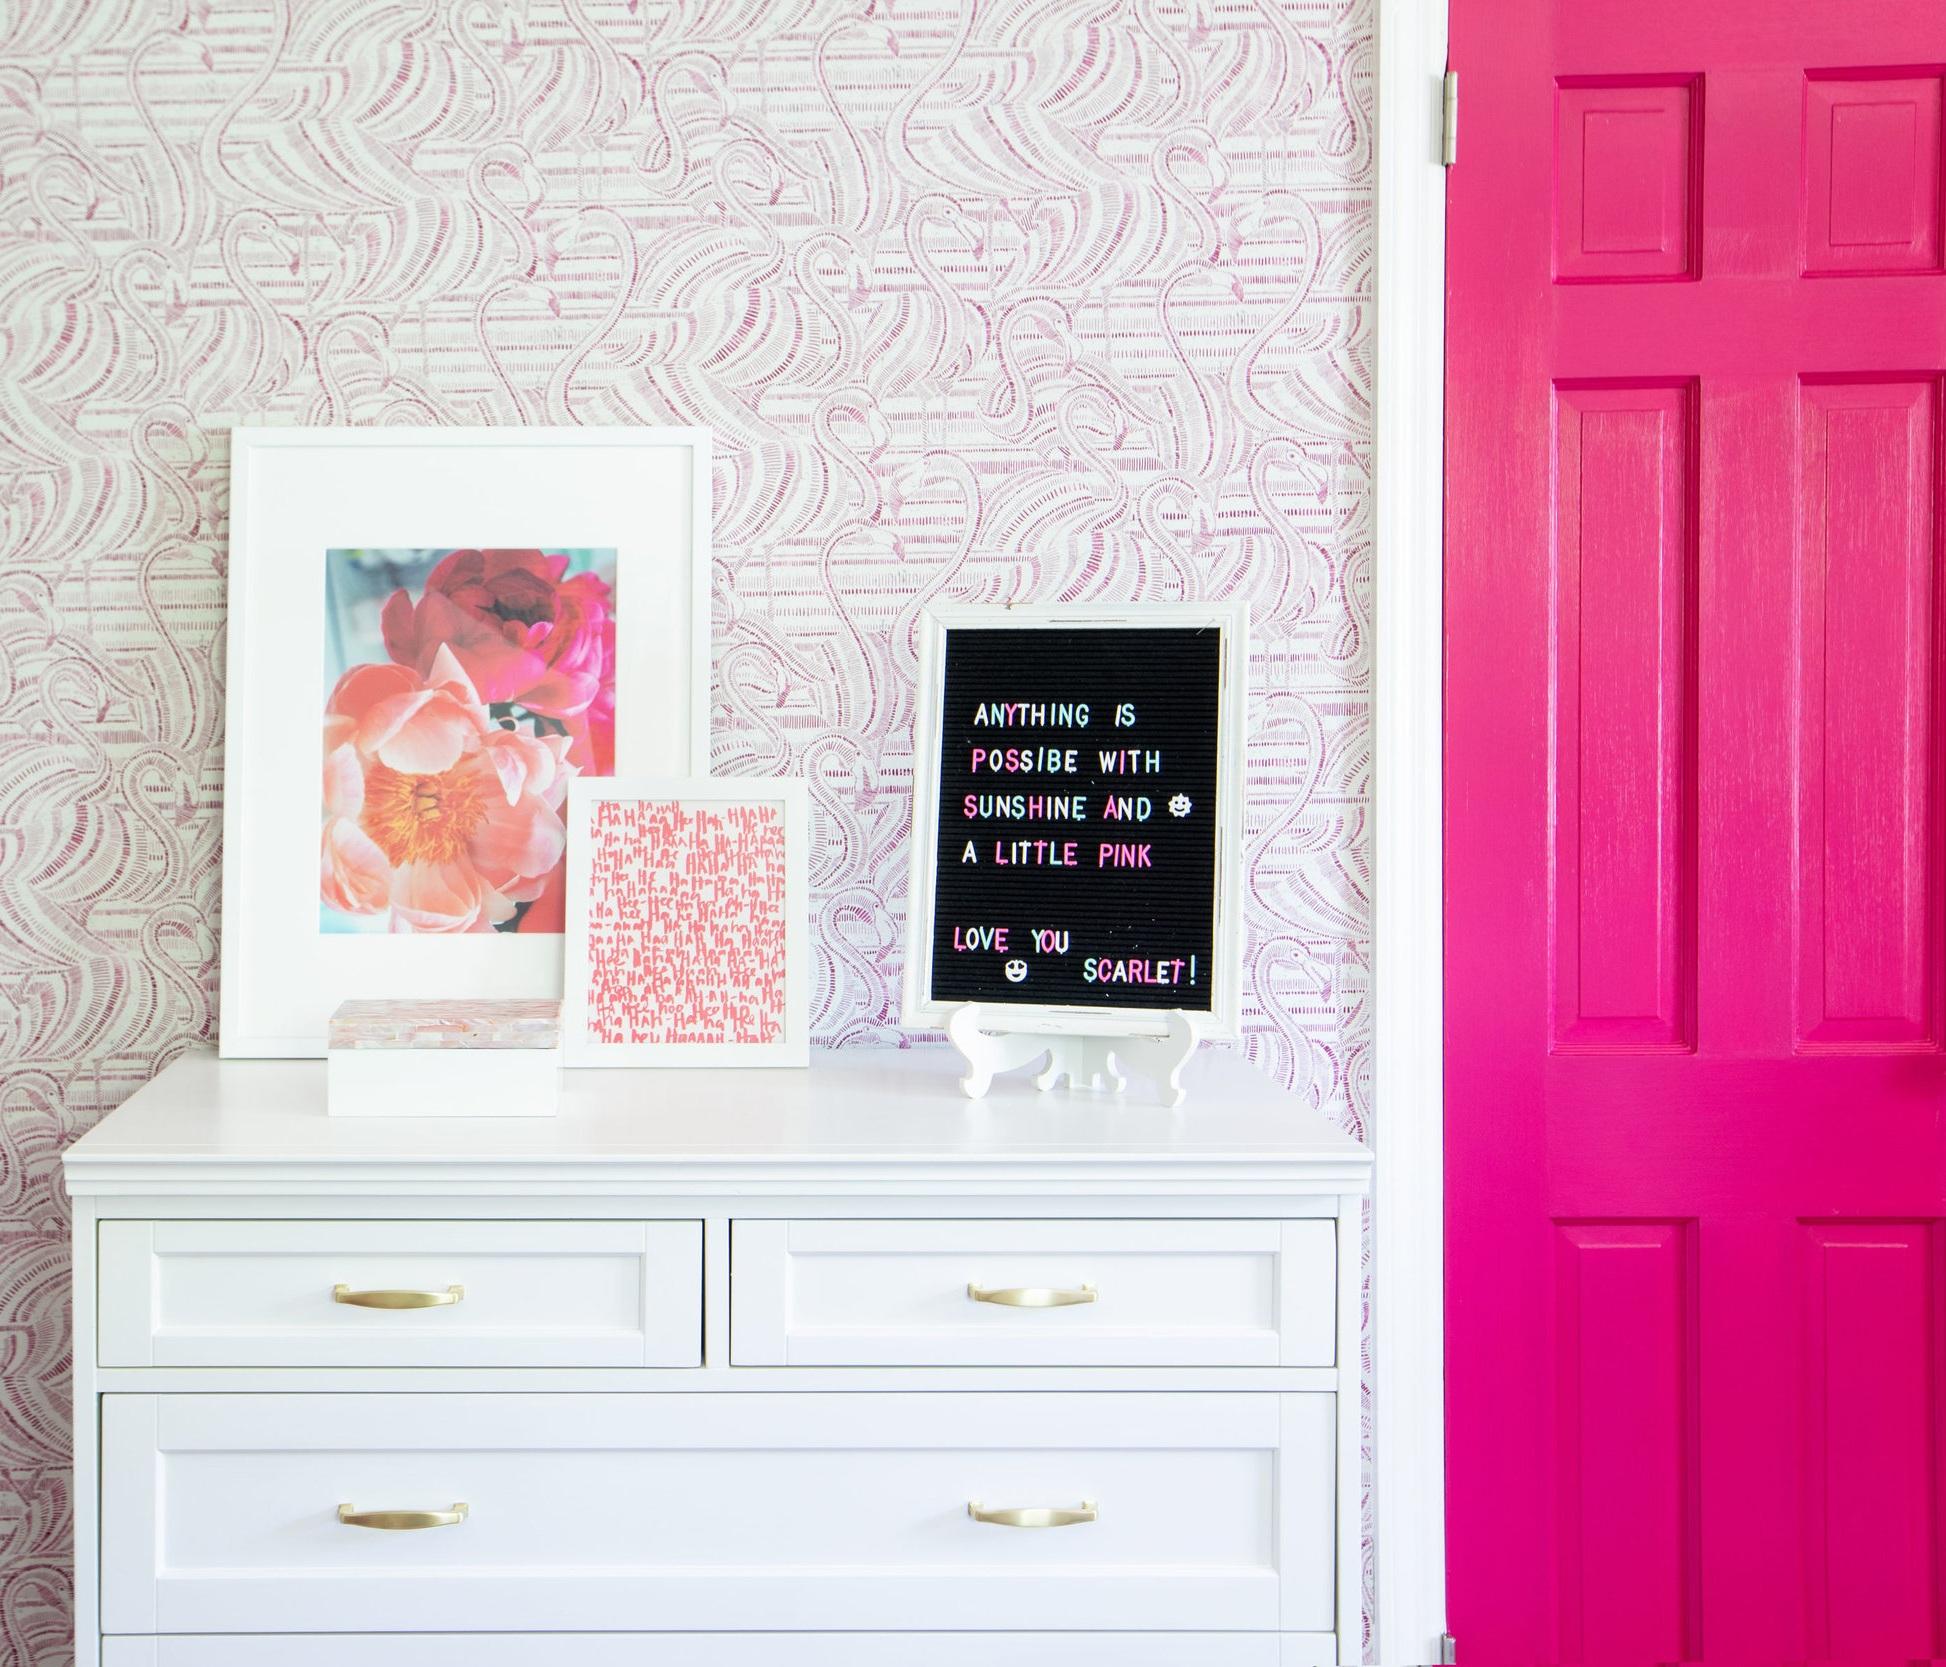 Flamingo+wallpaper+with+pink+doors.jpg